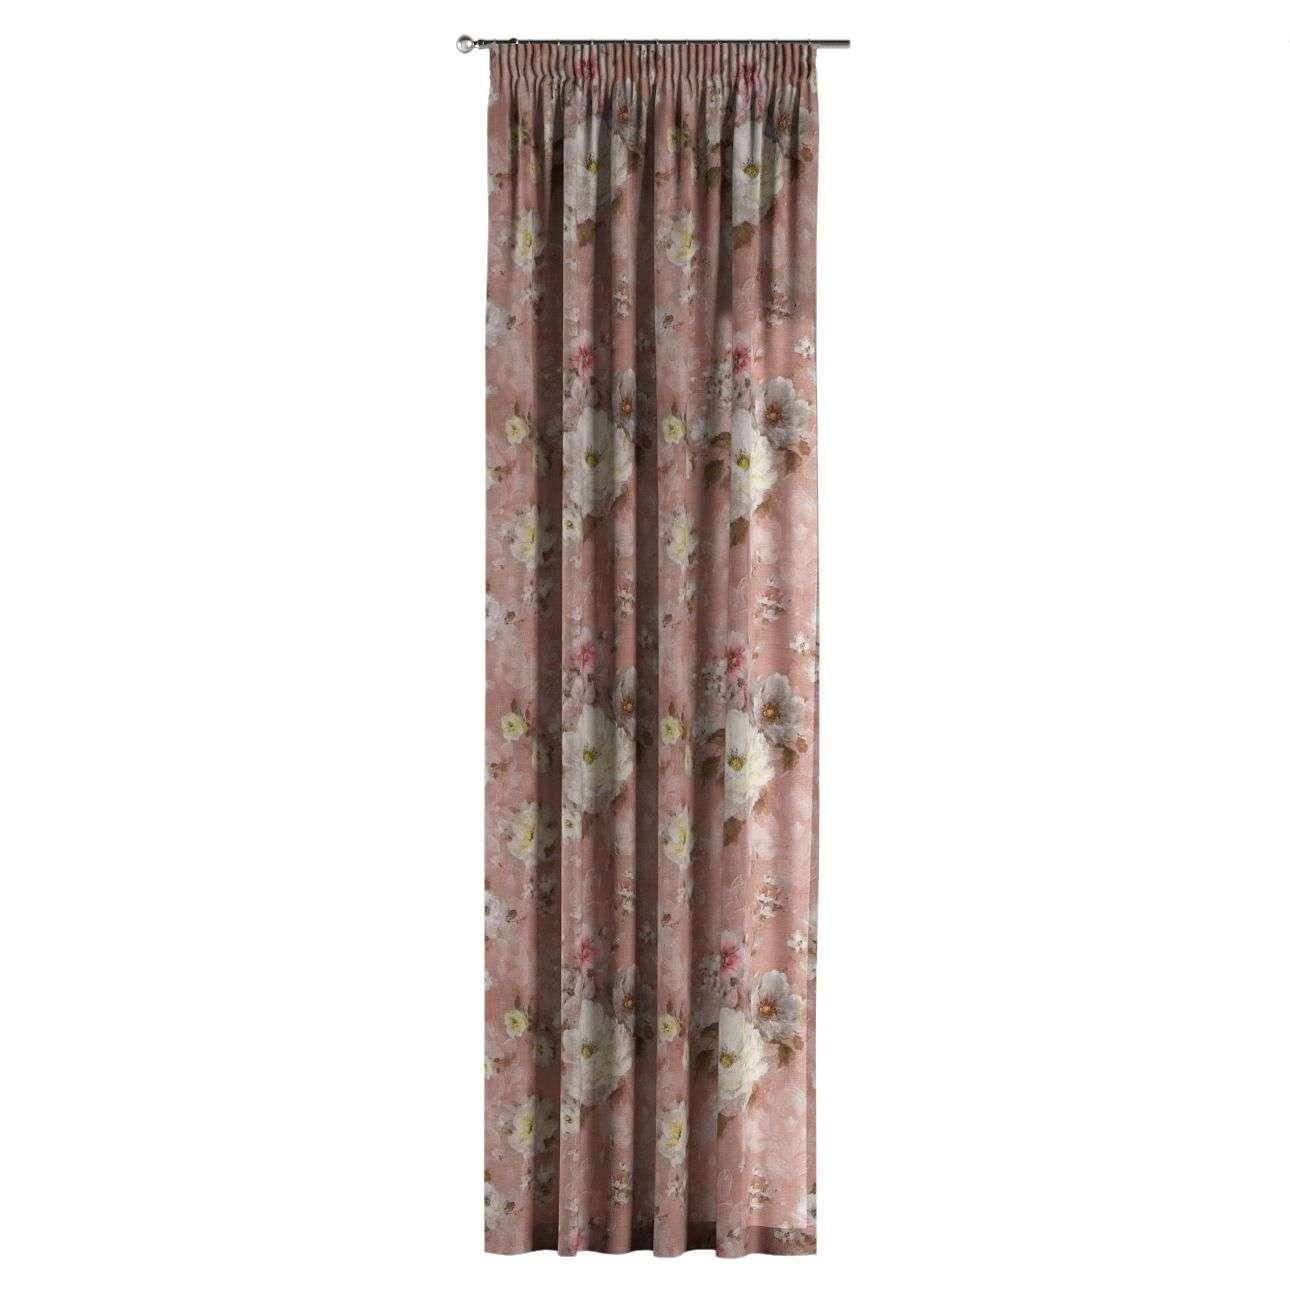 Zasłona na taśmie marszczącej 1 szt. 1szt 130x260 cm w kolekcji Monet, tkanina: 137-83